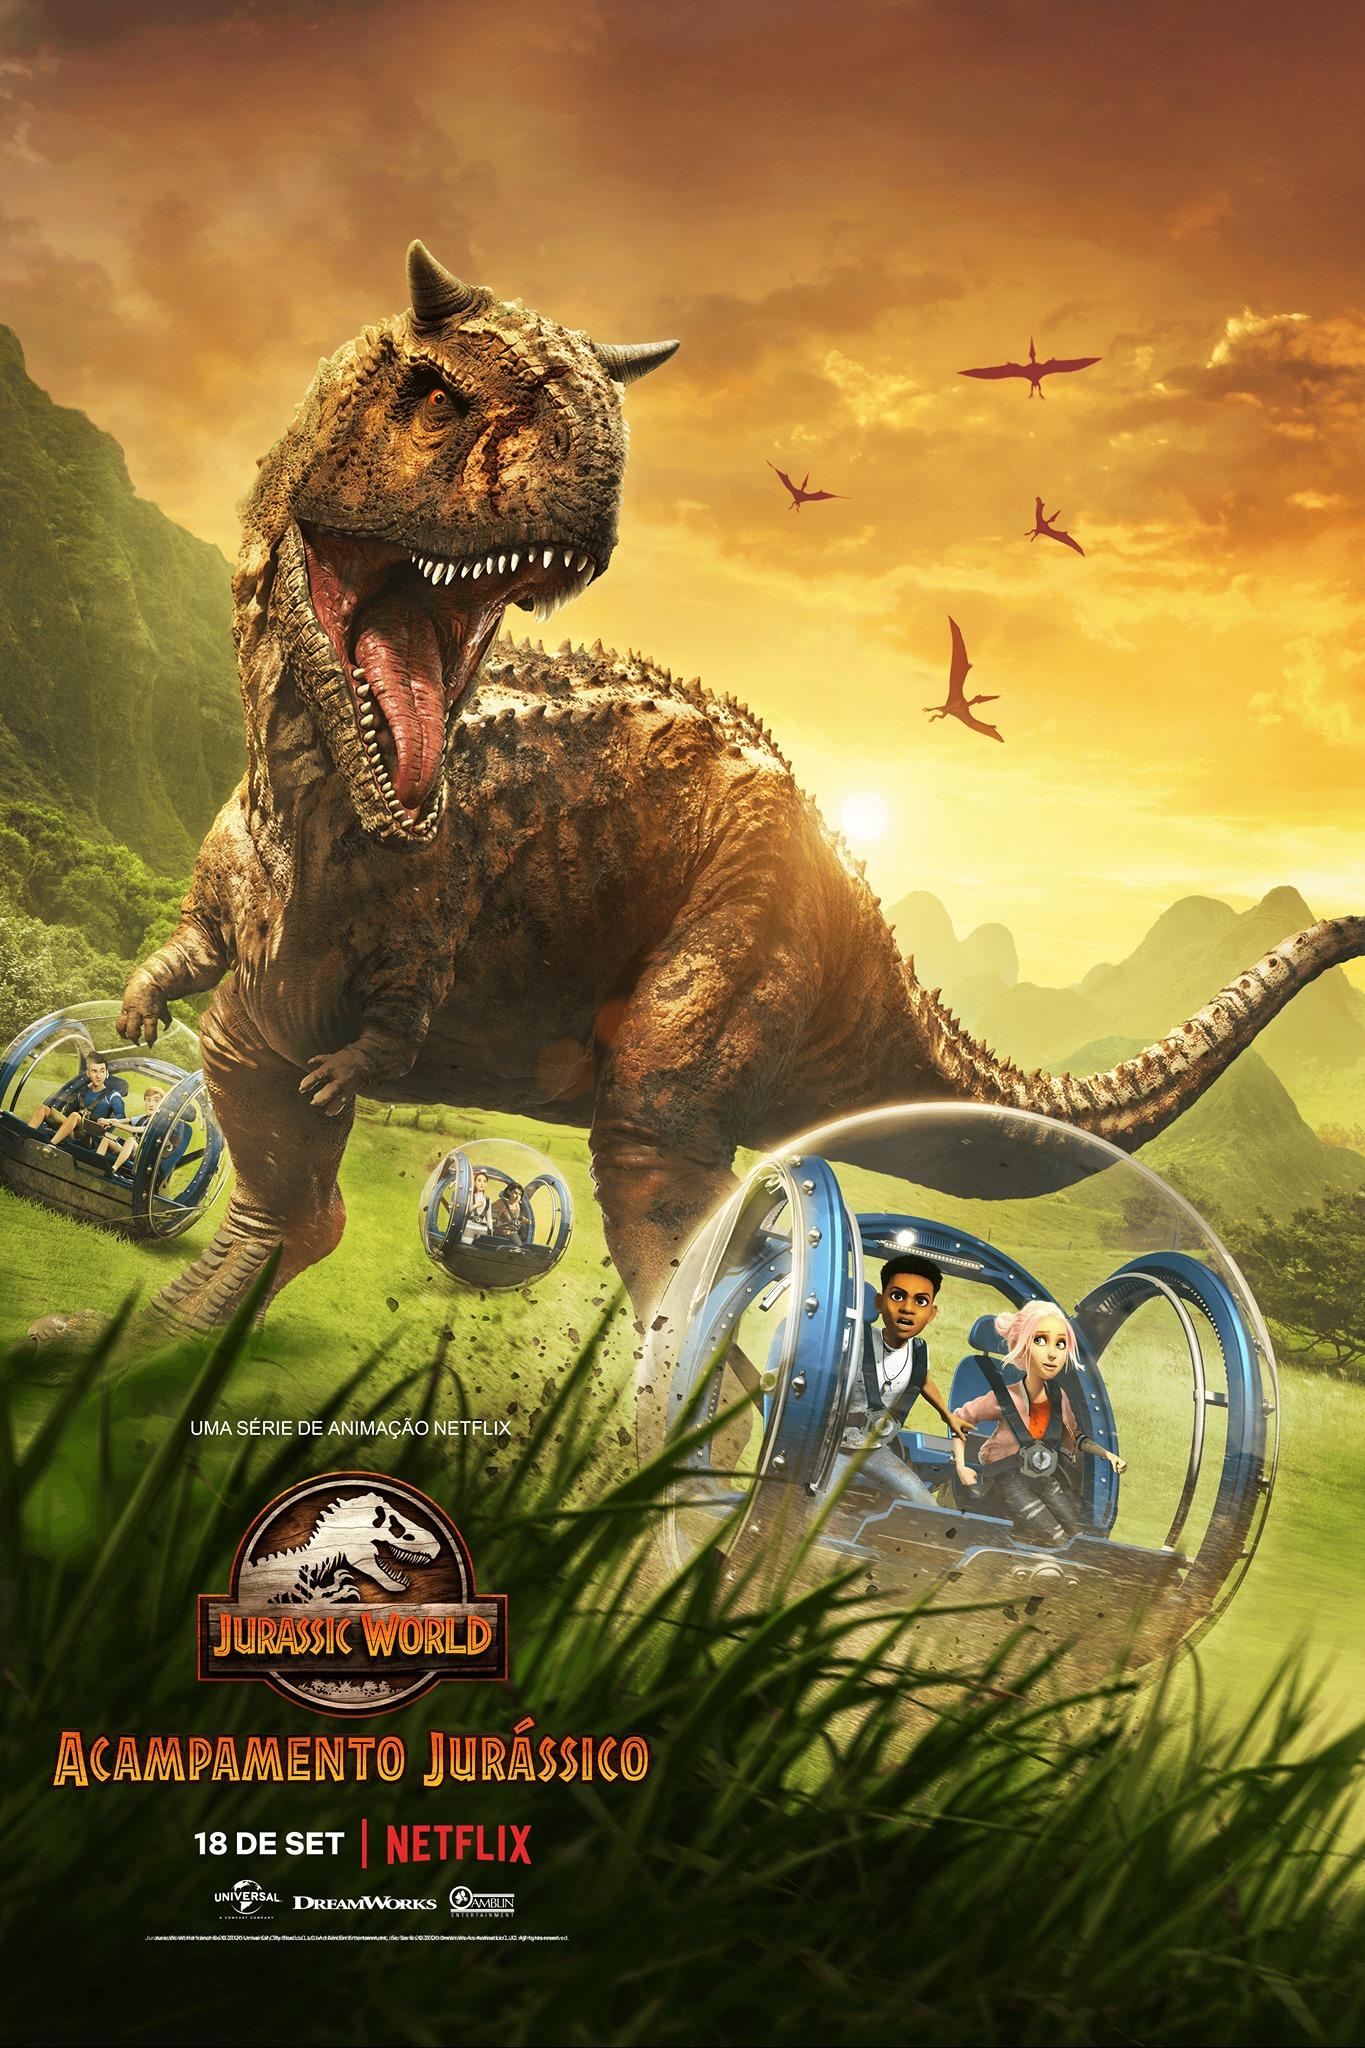 Pôster de Jurassic World: Acampamento Jurássico (Divulgação / Netflix)